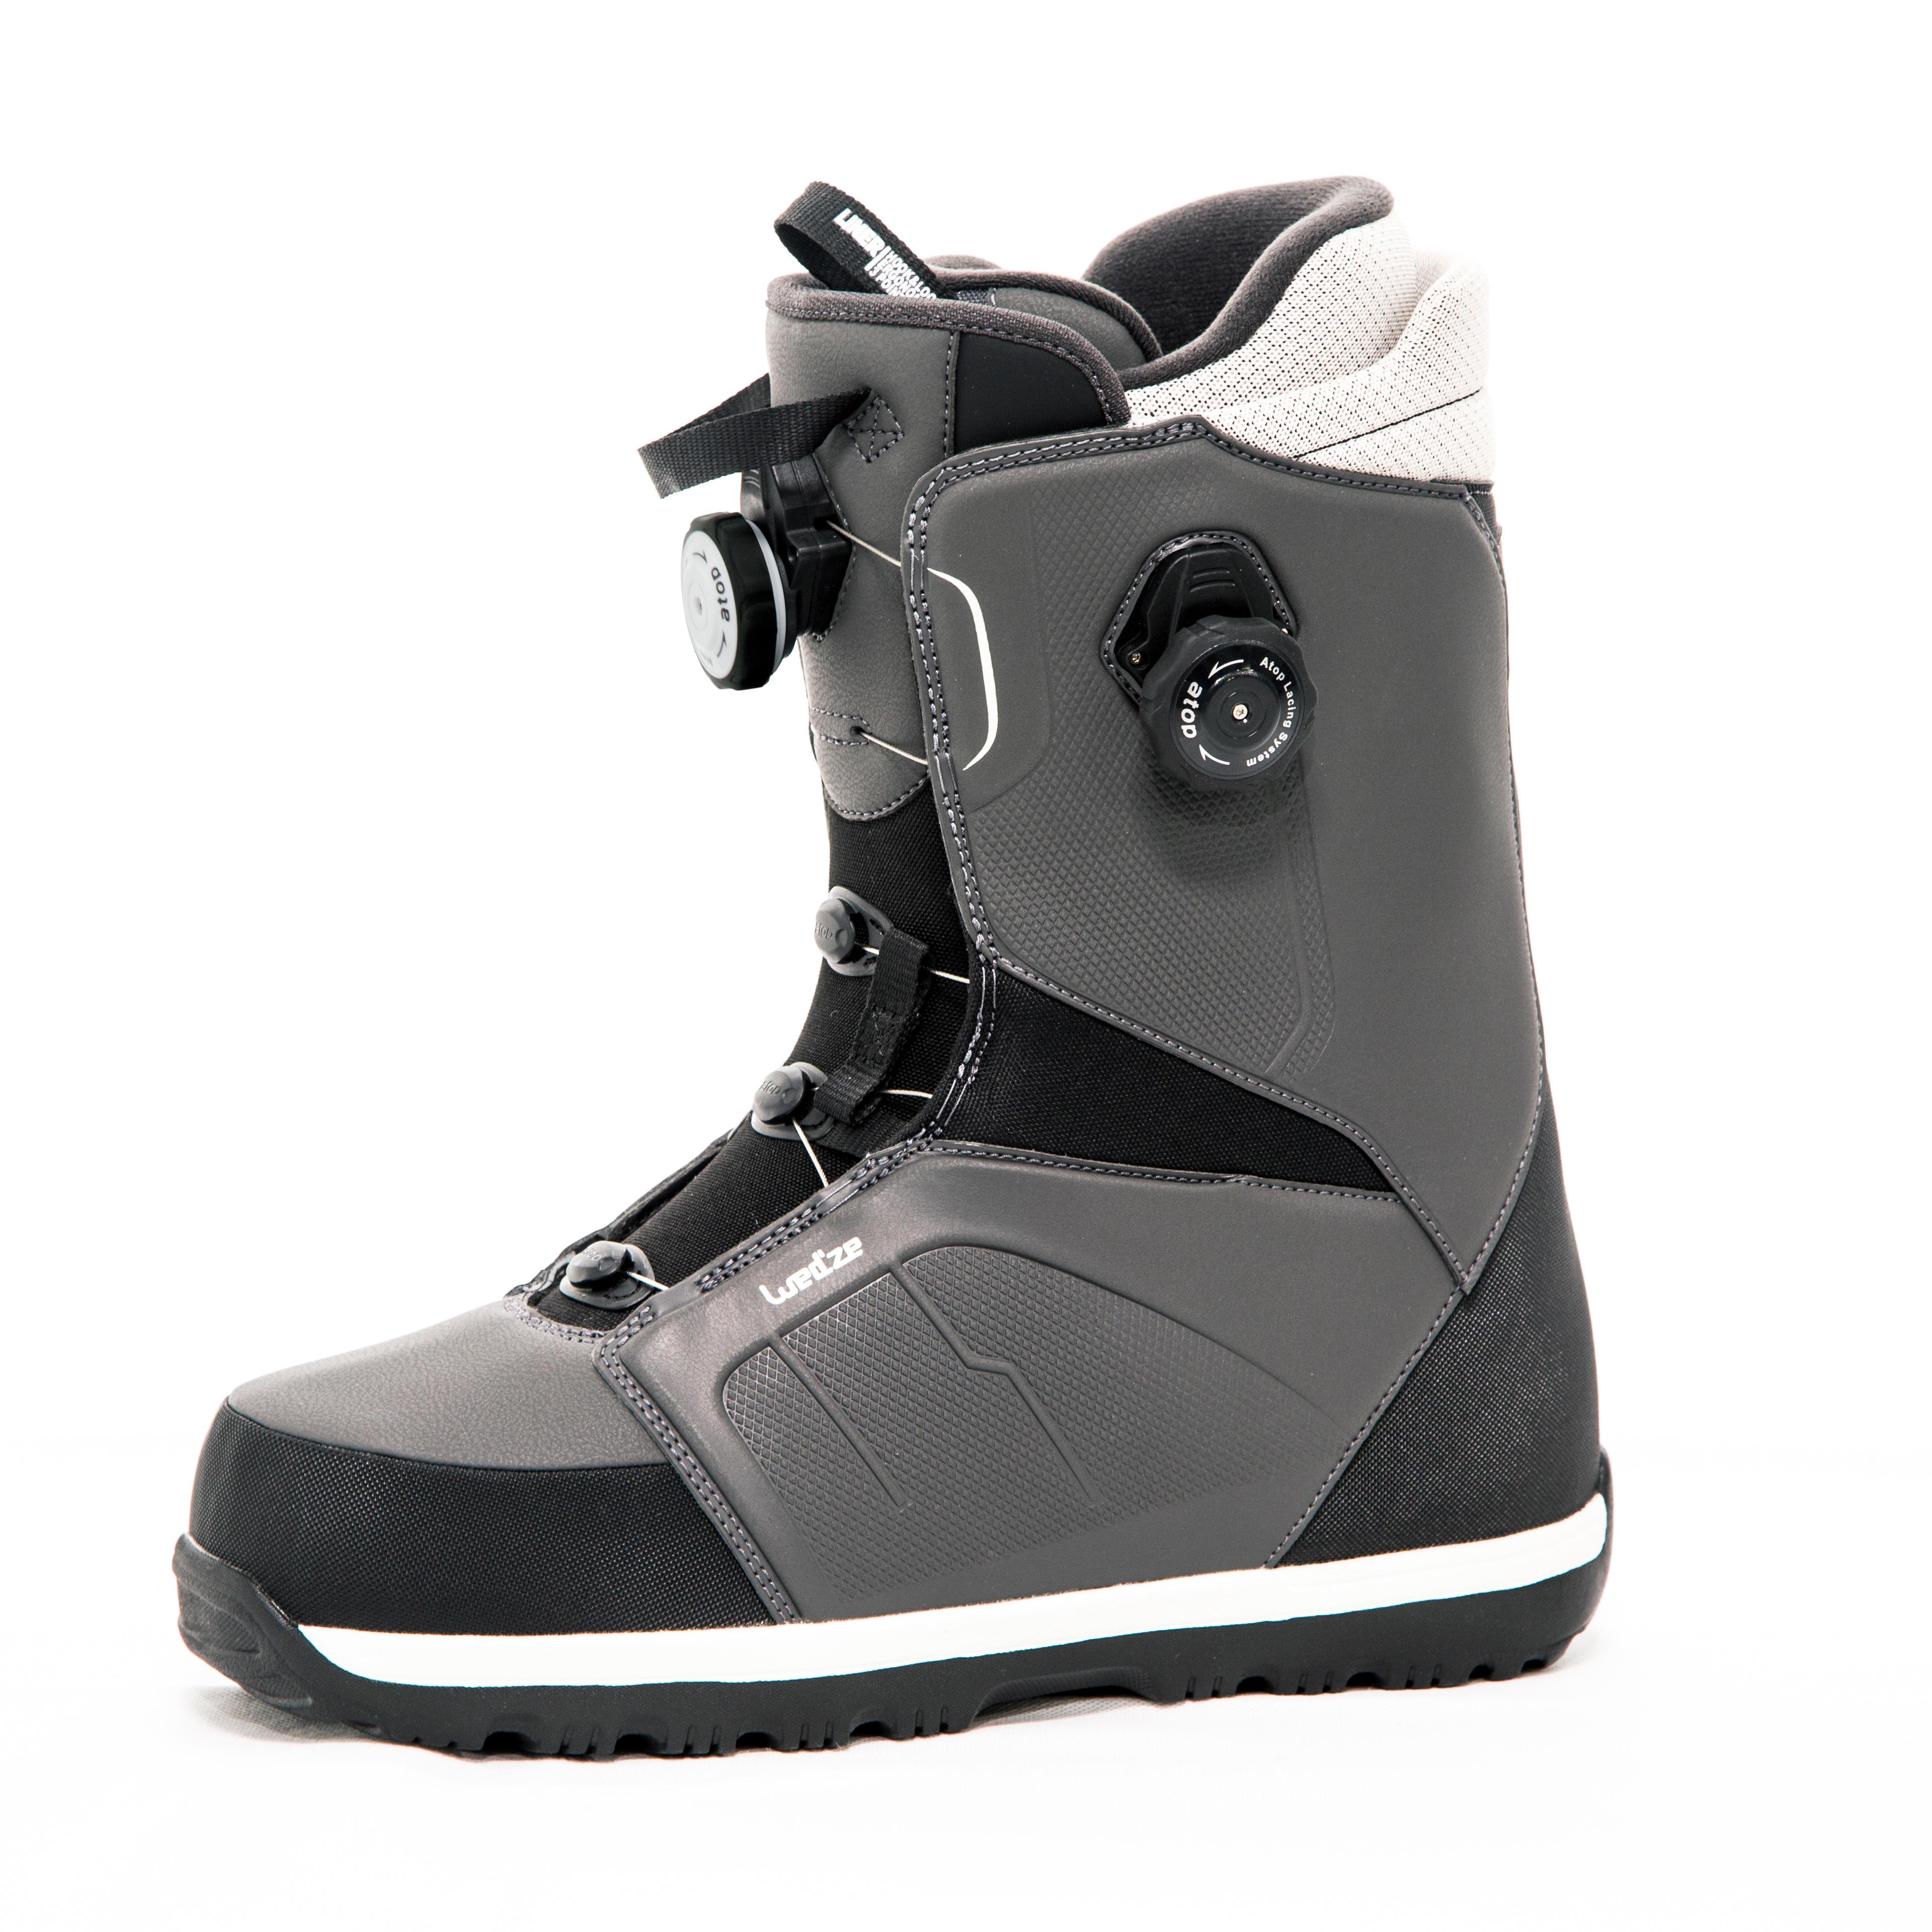 Herren Snowboardschuhe All Road 900 Double Cable All Mountain Herren | 03608449879750